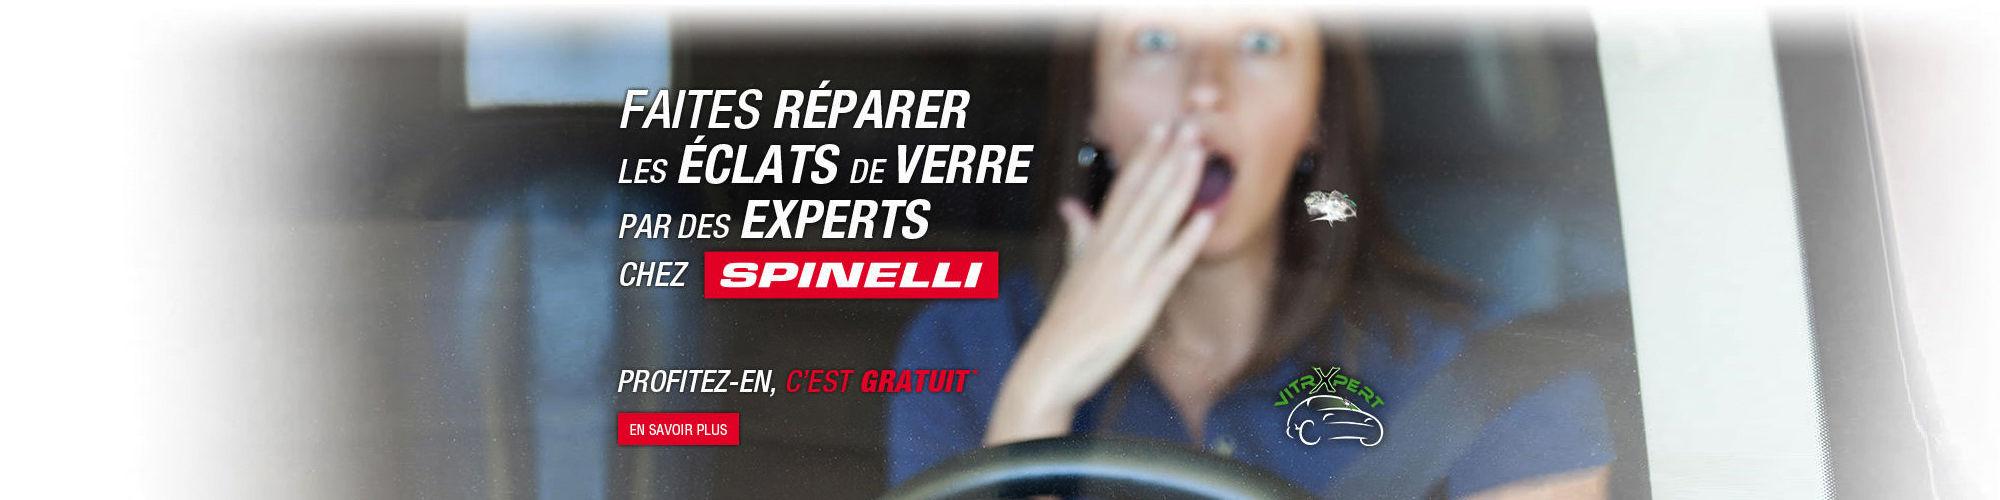 Faites réparer les éclats de verre par des experts chez Spinelli Lexus